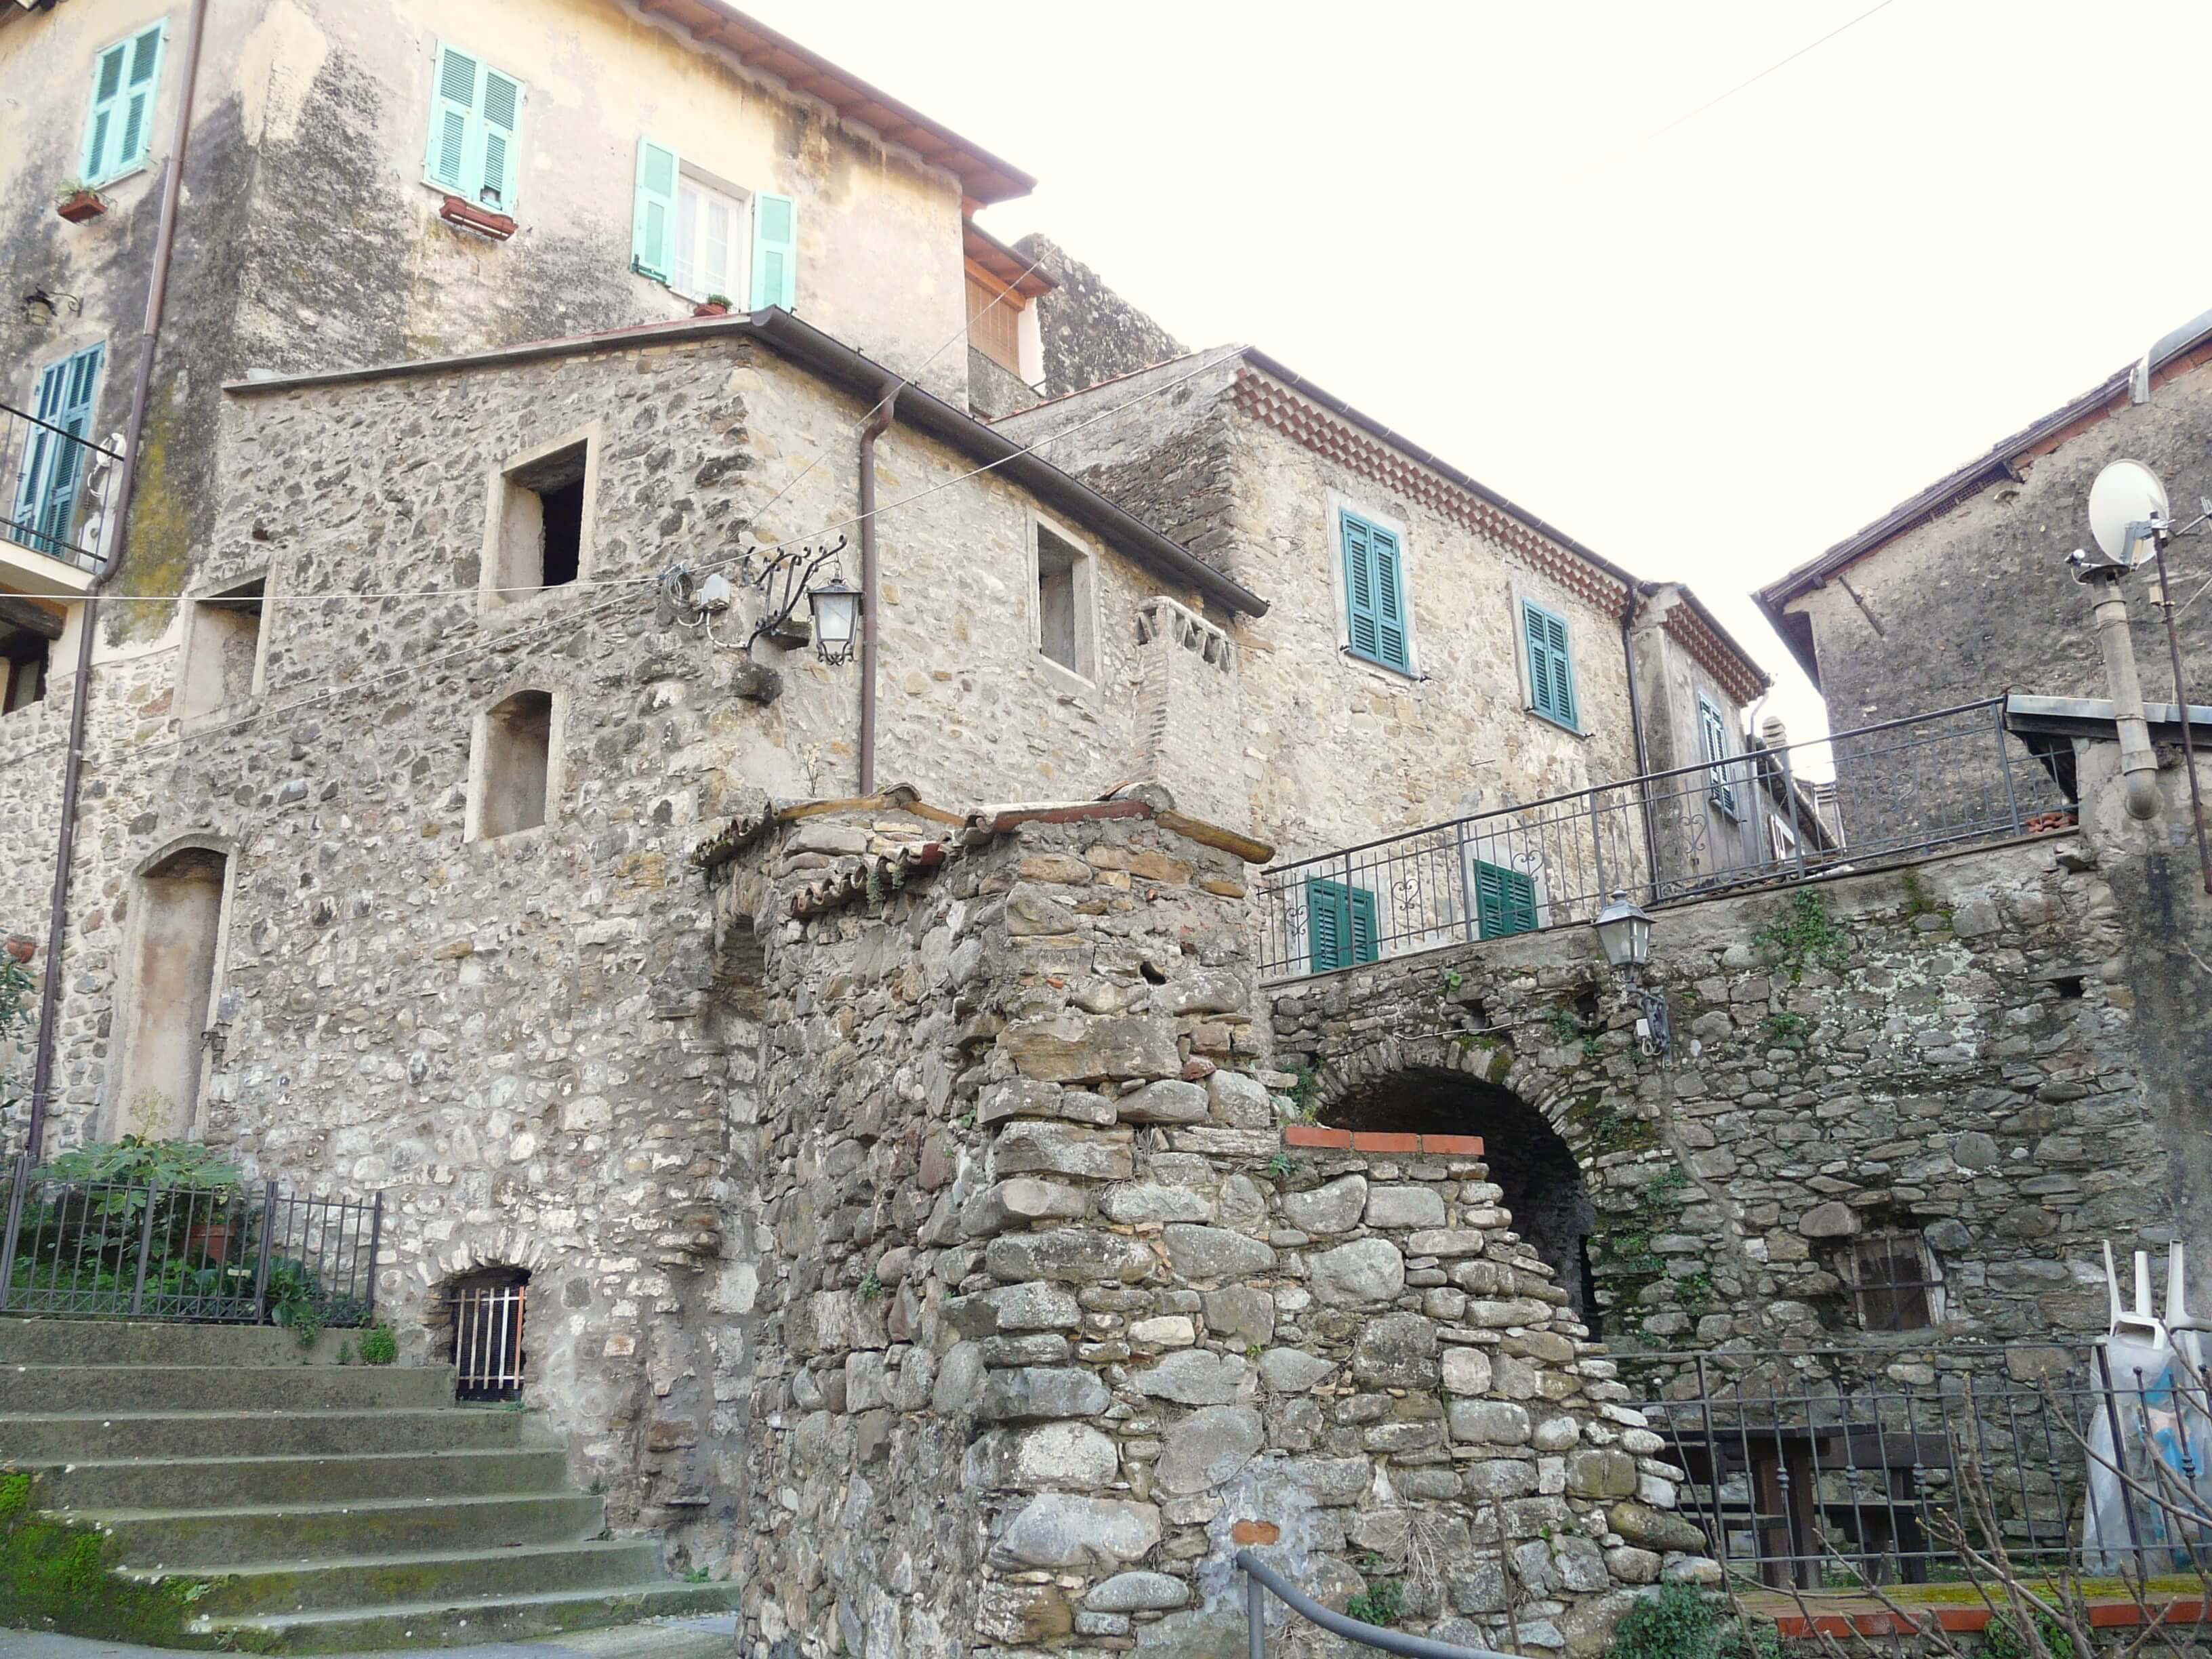 Case vacanze in affitto a Vallecrosia Alta